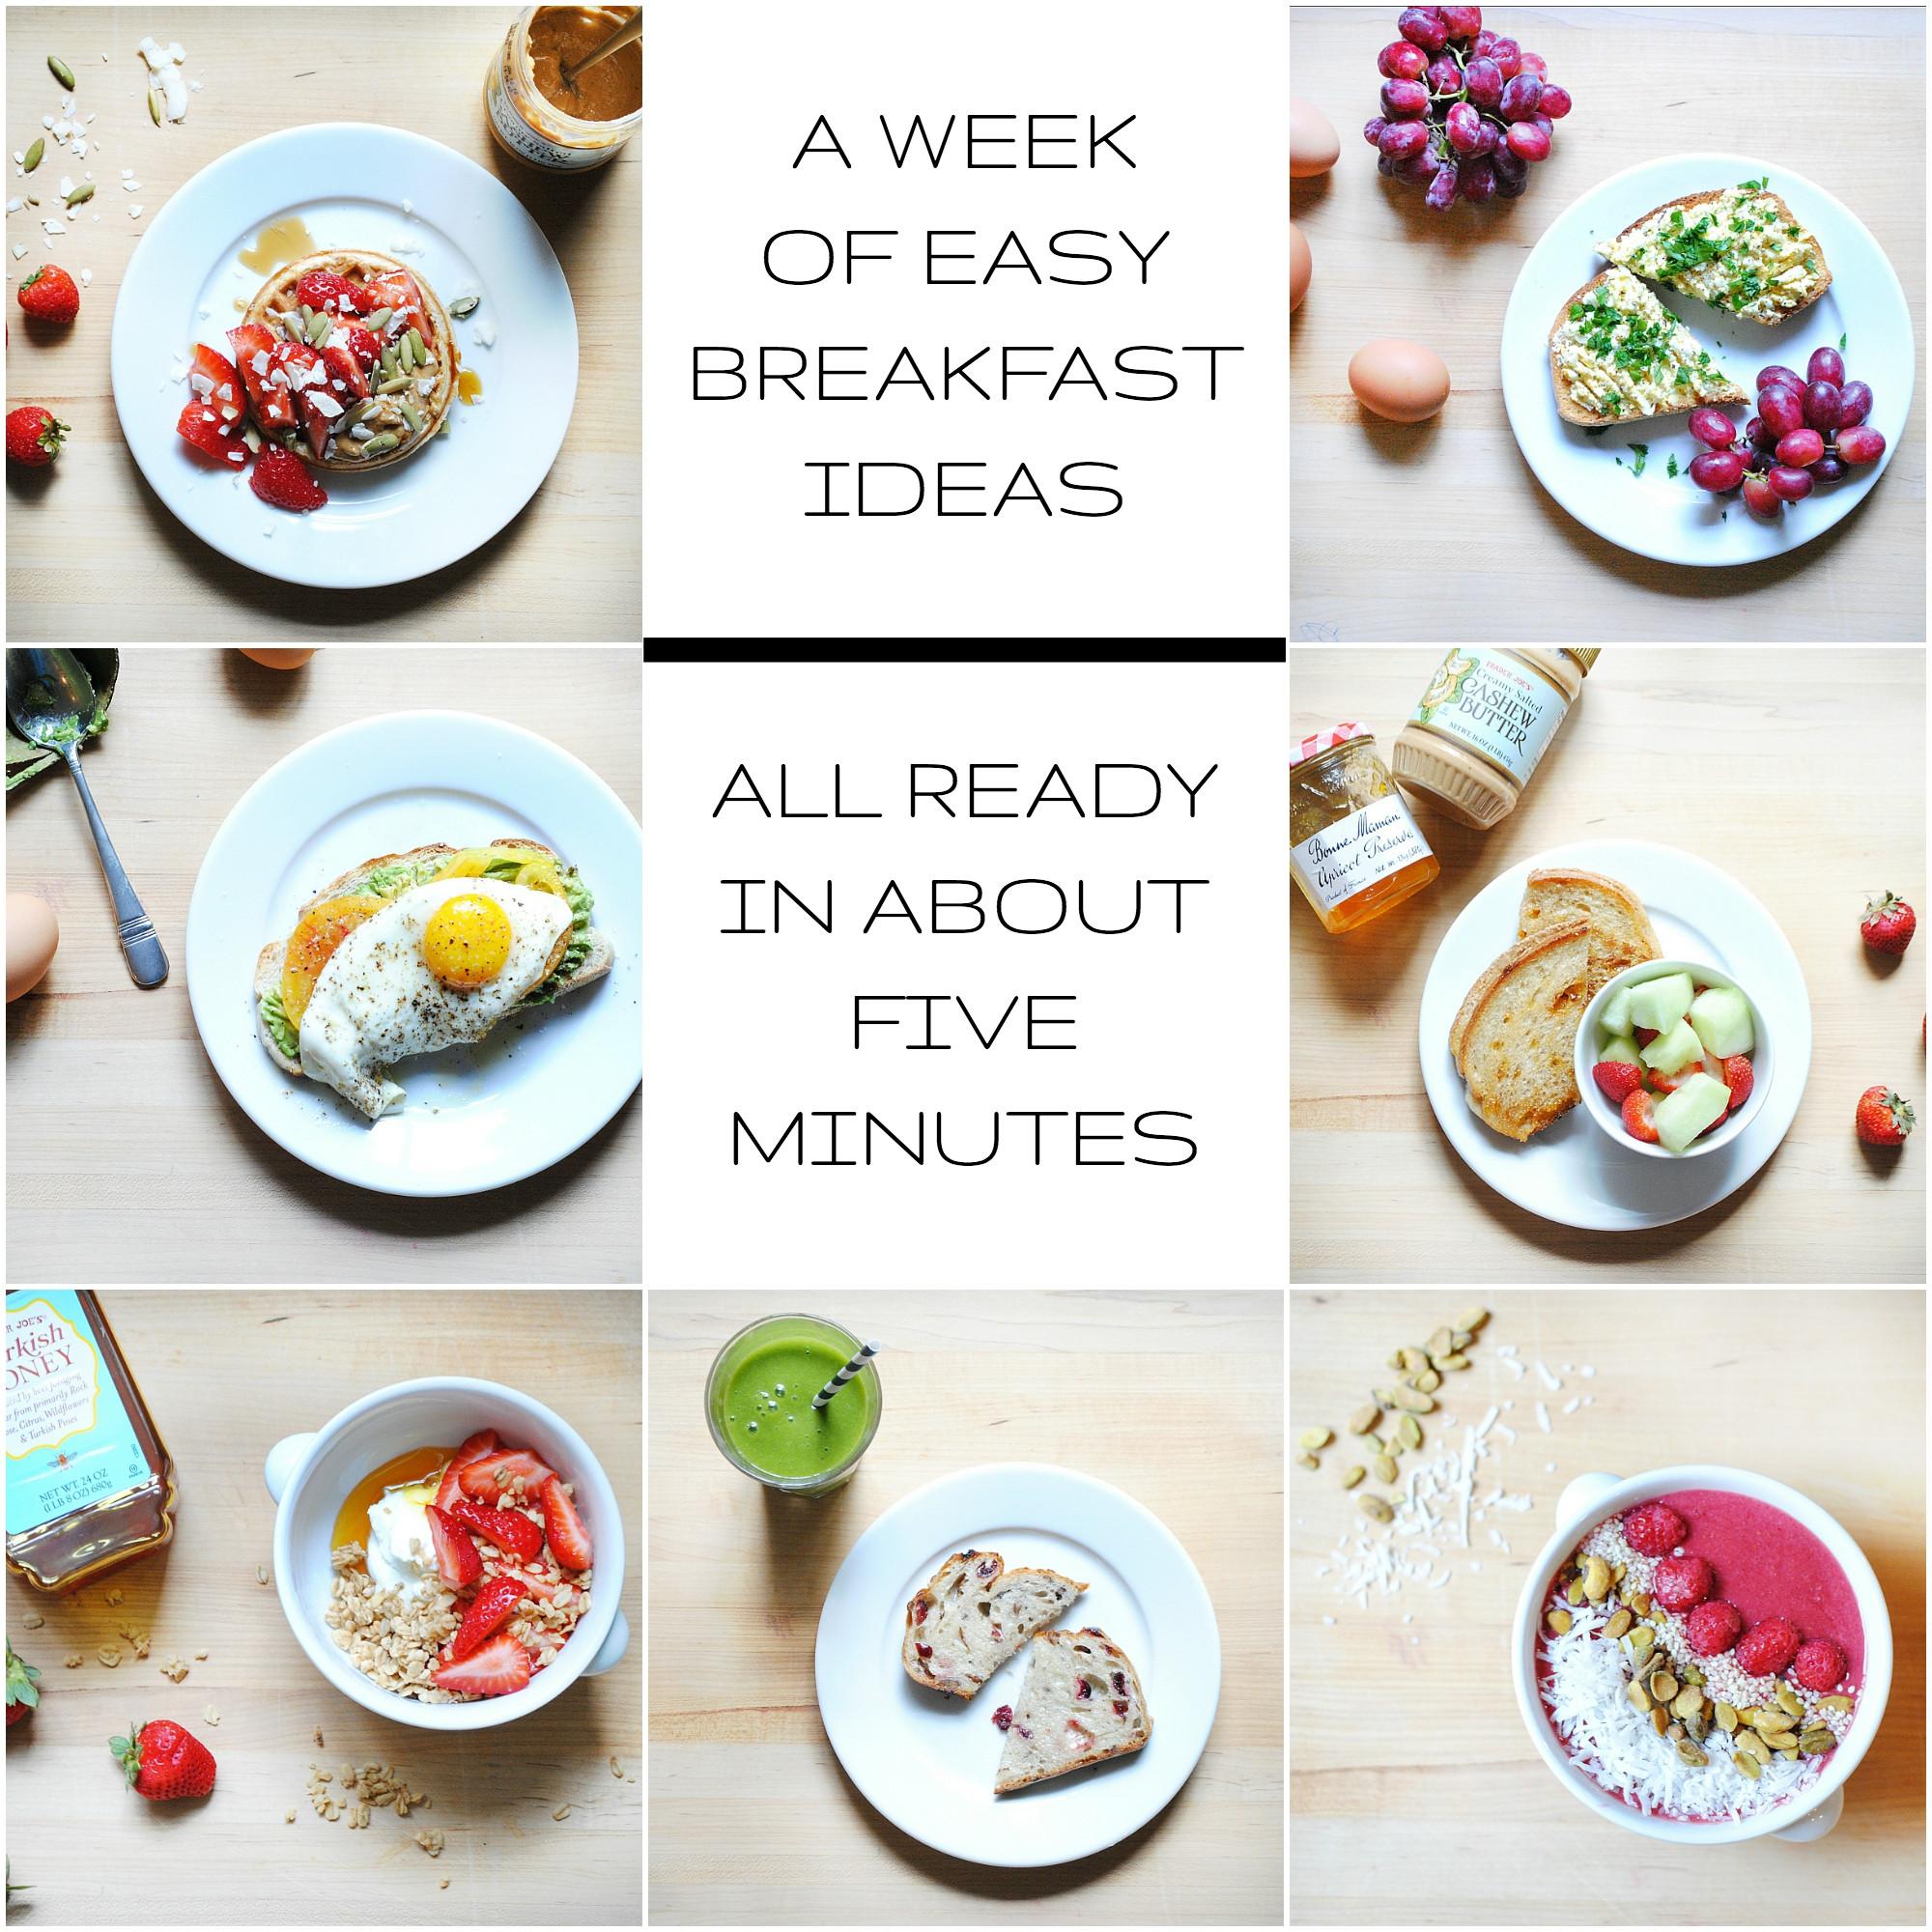 Healthy Easy Breakfast  A Week of Healthy Easy Breakfast Ideas All Ready in